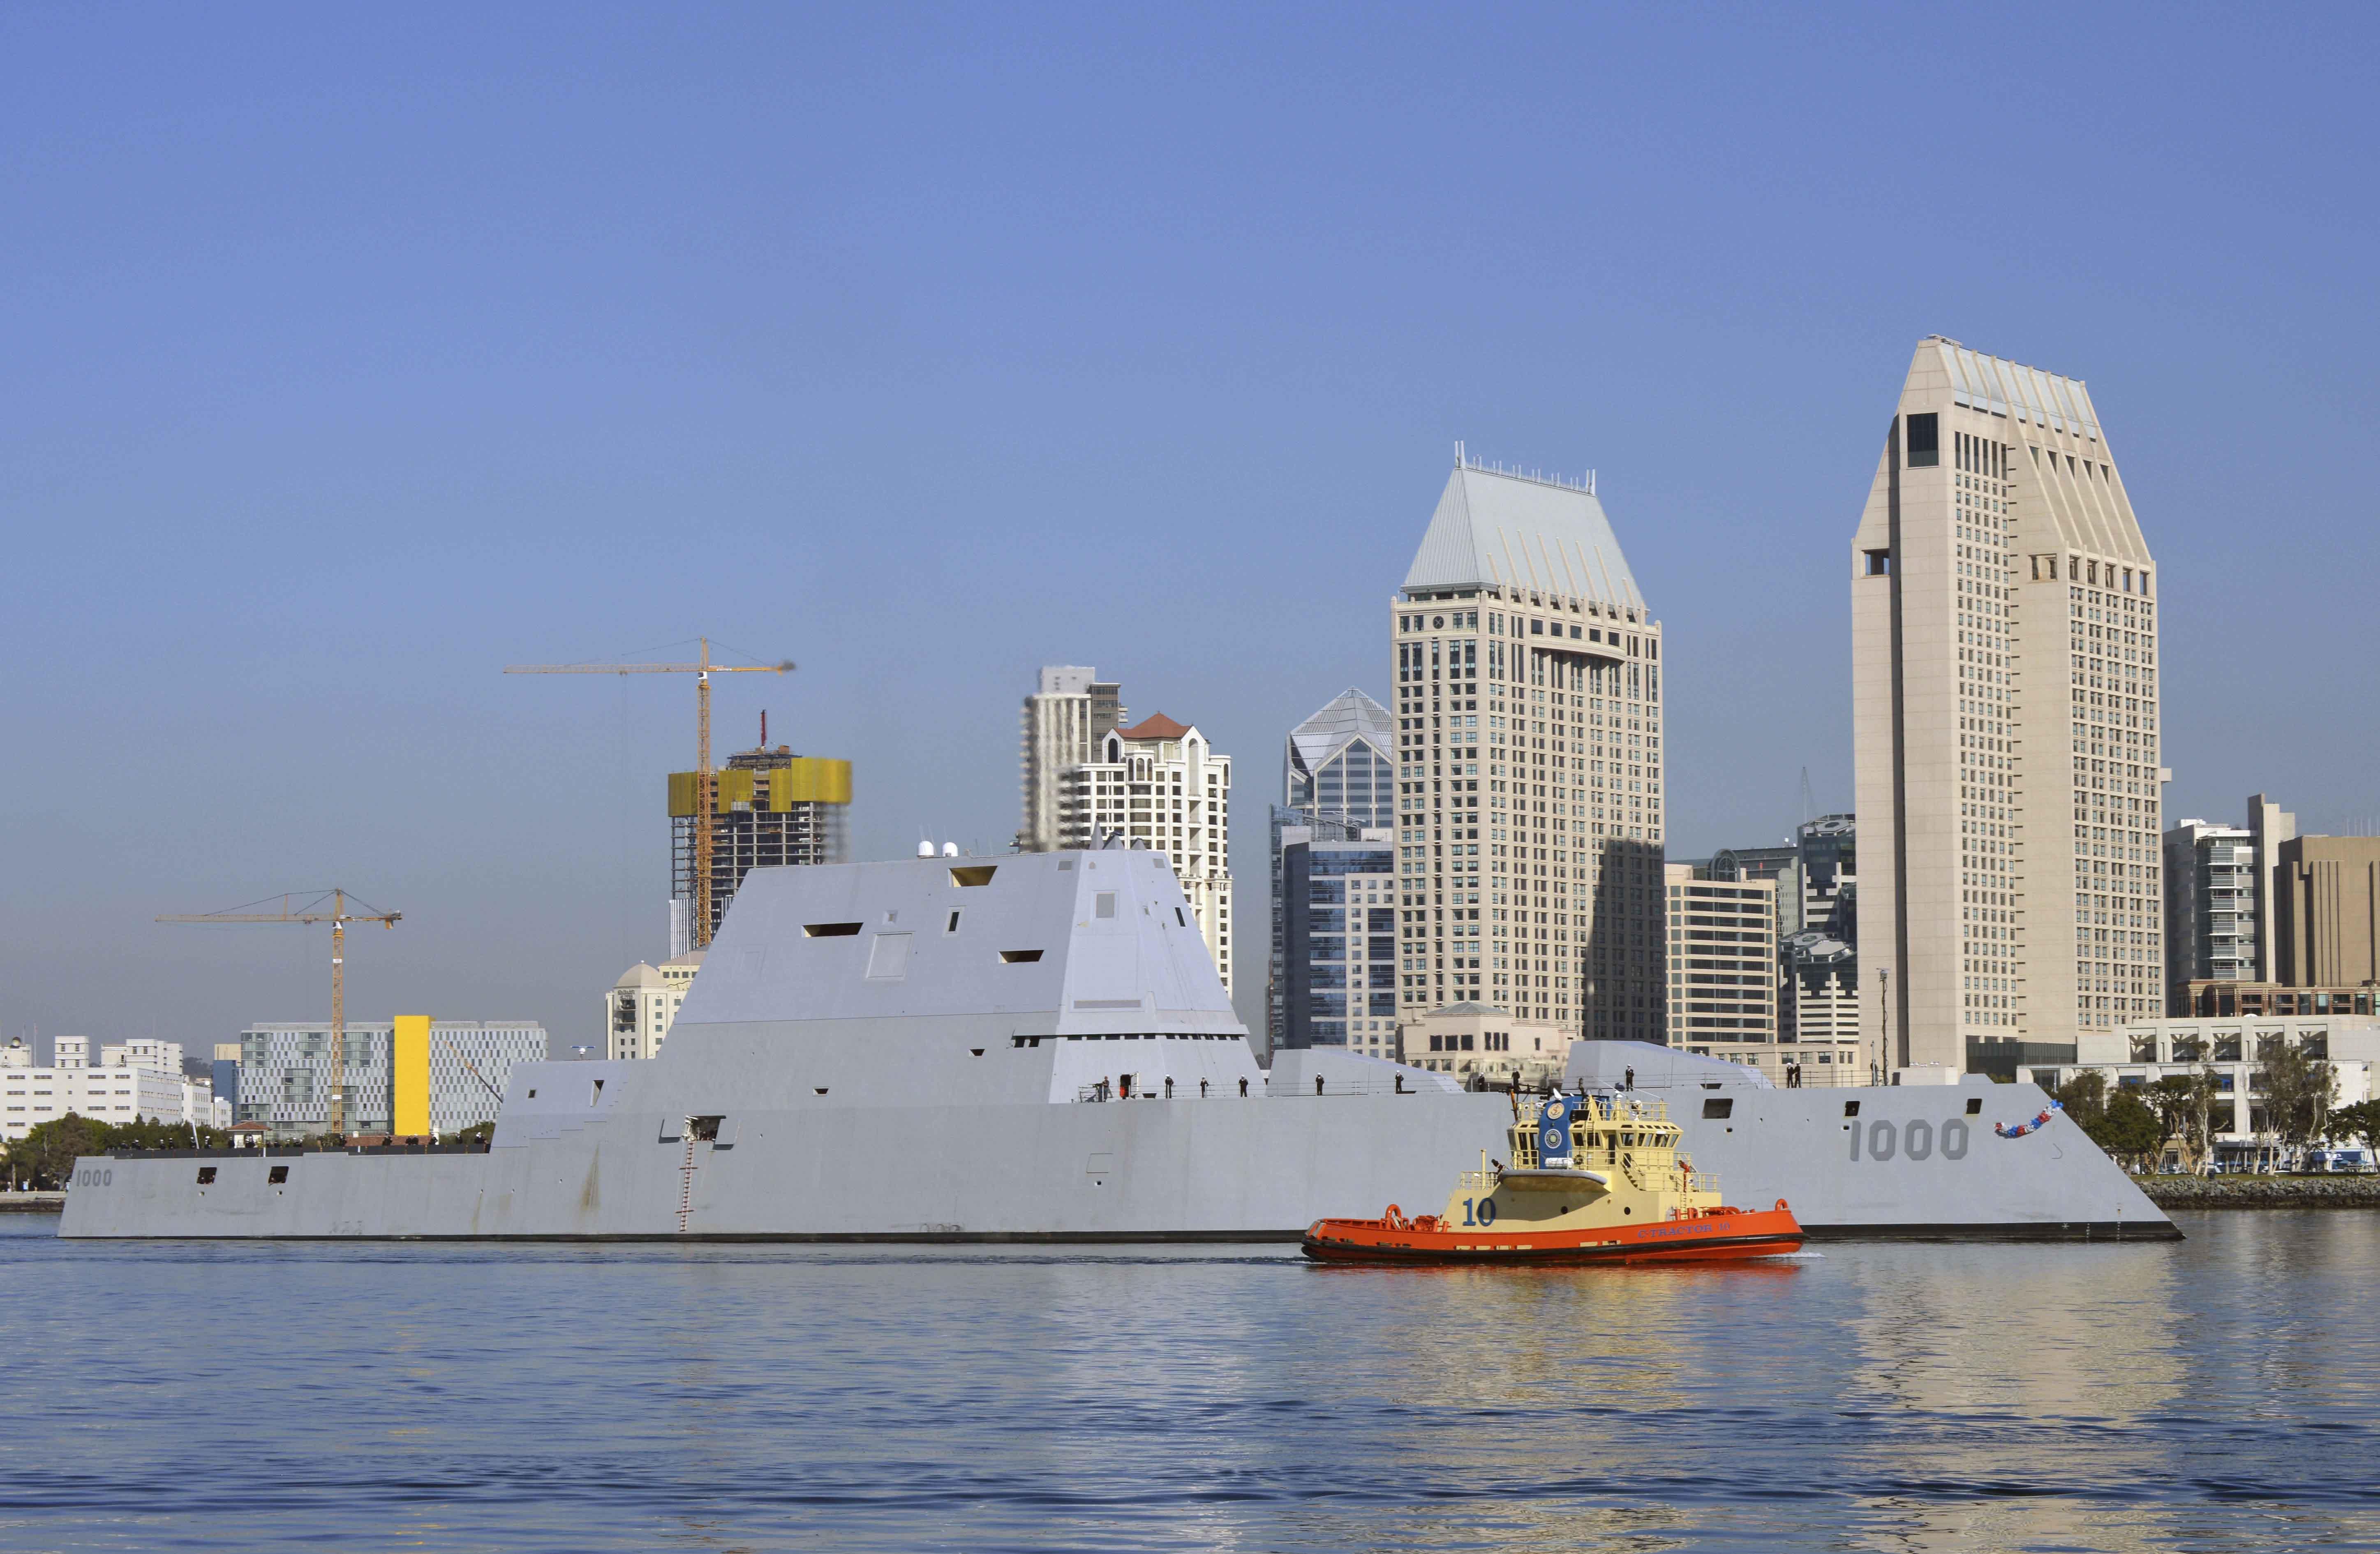 USS ZUMWALT DDG-1000 Einlaufen San Diego am 08.12.2016 Bild: U.S. Navy